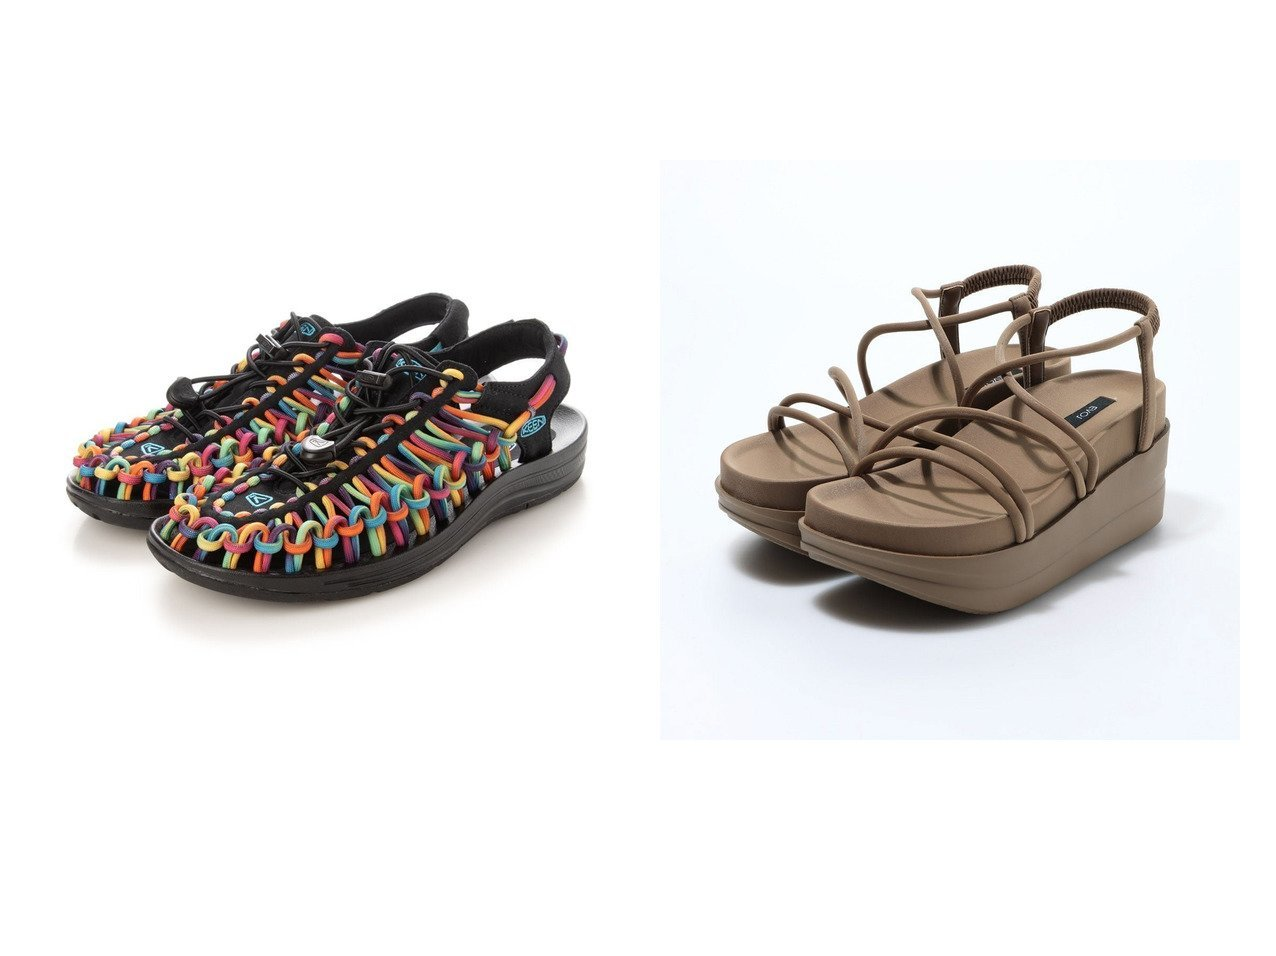 【EVOL/イーボル】のプラットフォームクロスサンダル&【KEEN/キーン】のキーン アウトドアサンダル ユニーク UNEEK 1025191 【シューズ・靴】おすすめ!人気、トレンド・レディースファッションの通販 おすすめで人気の流行・トレンド、ファッションの通販商品 インテリア・家具・メンズファッション・キッズファッション・レディースファッション・服の通販 founy(ファニー) https://founy.com/ ファッション Fashion レディースファッション WOMEN アウトドア 春 Spring サンダル スニーカー スマート フィット 2021年 2021 S/S・春夏 SS・Spring/Summer 2021春夏・S/S SS/Spring/Summer/2021 クッション 厚底  ID:crp329100000045189